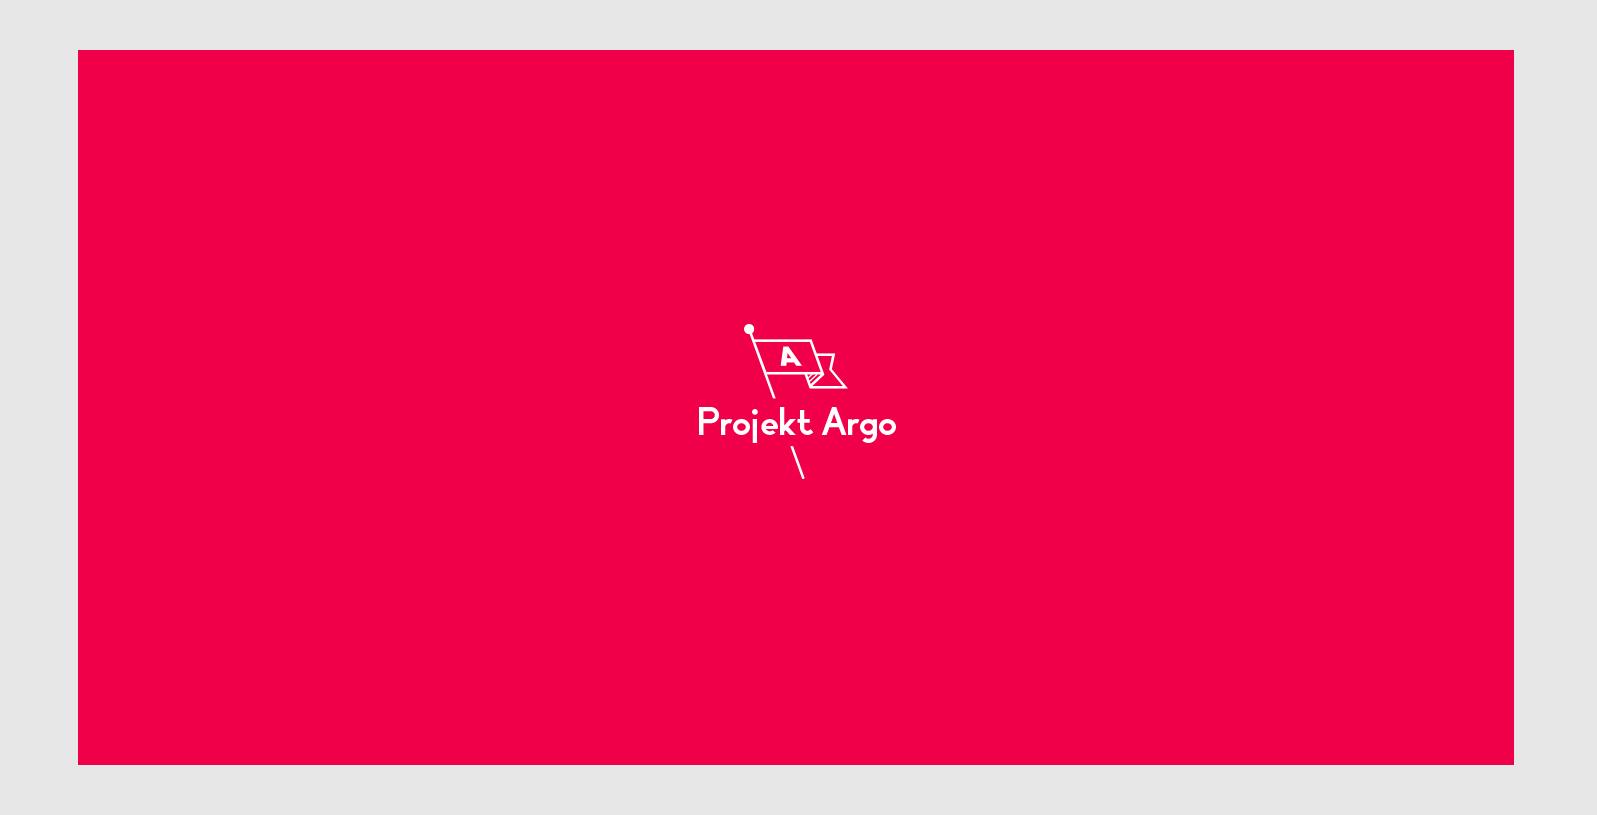 logos_01_05